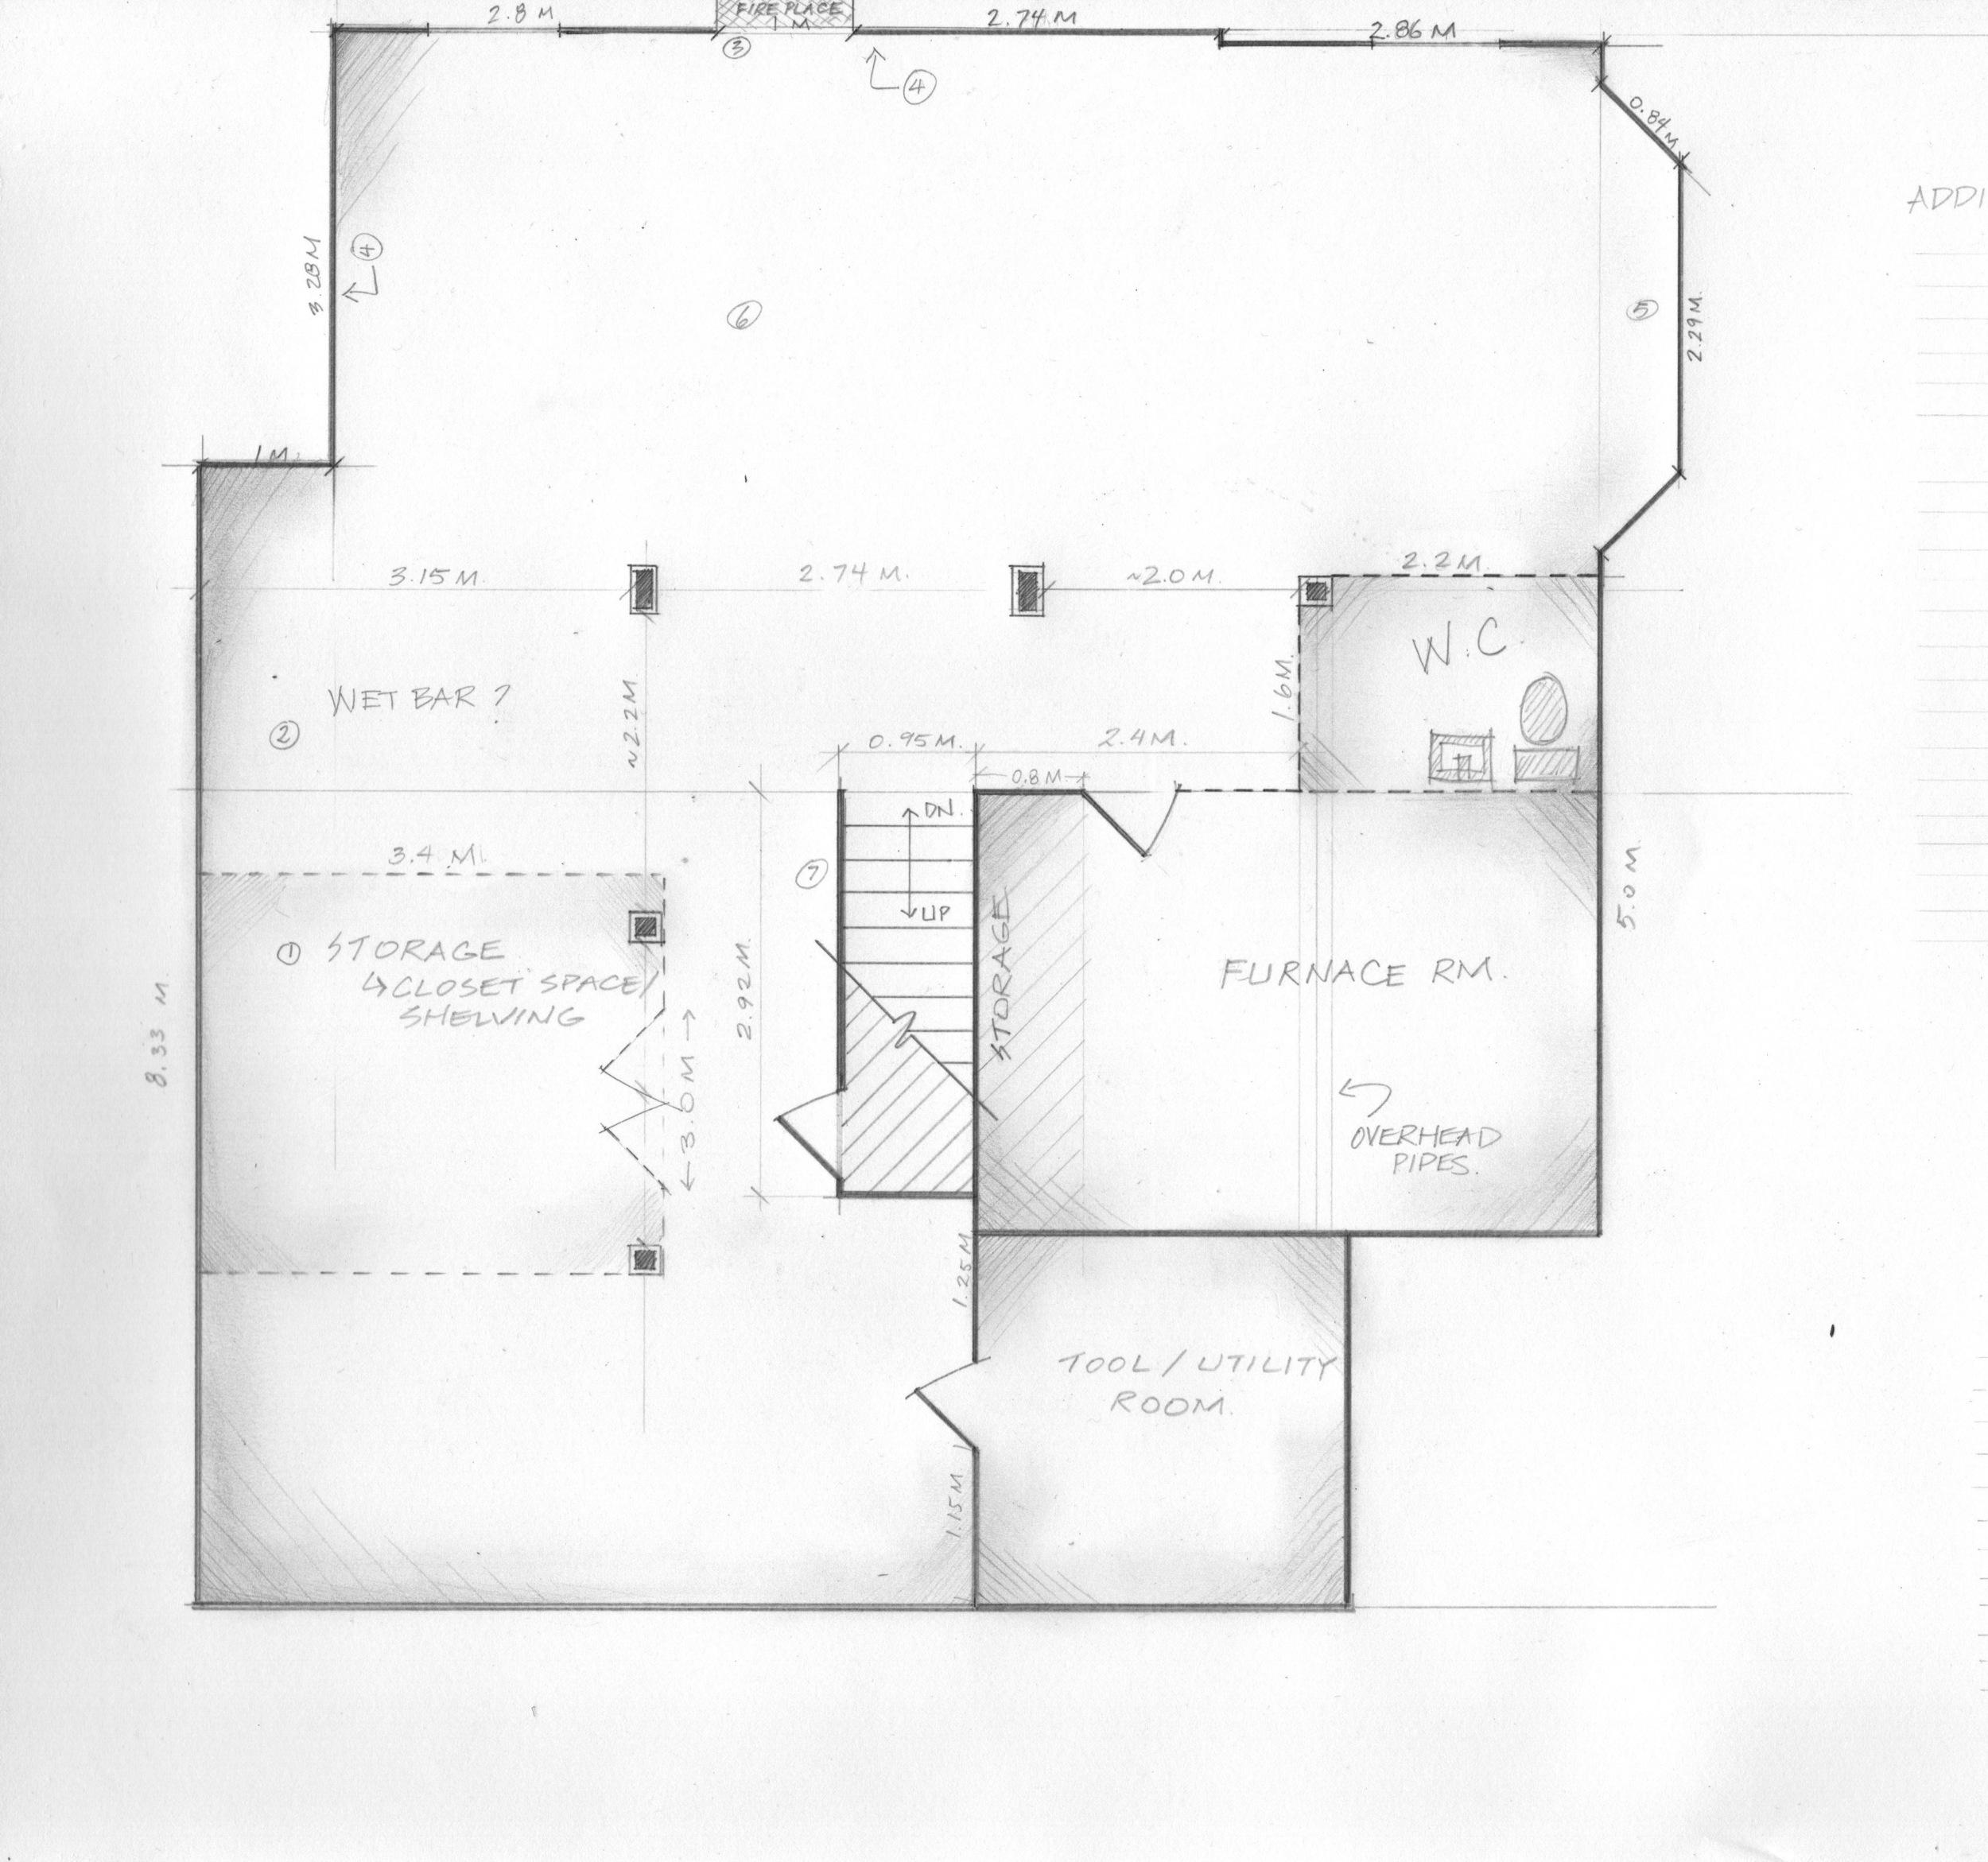 Existing basement floor plan